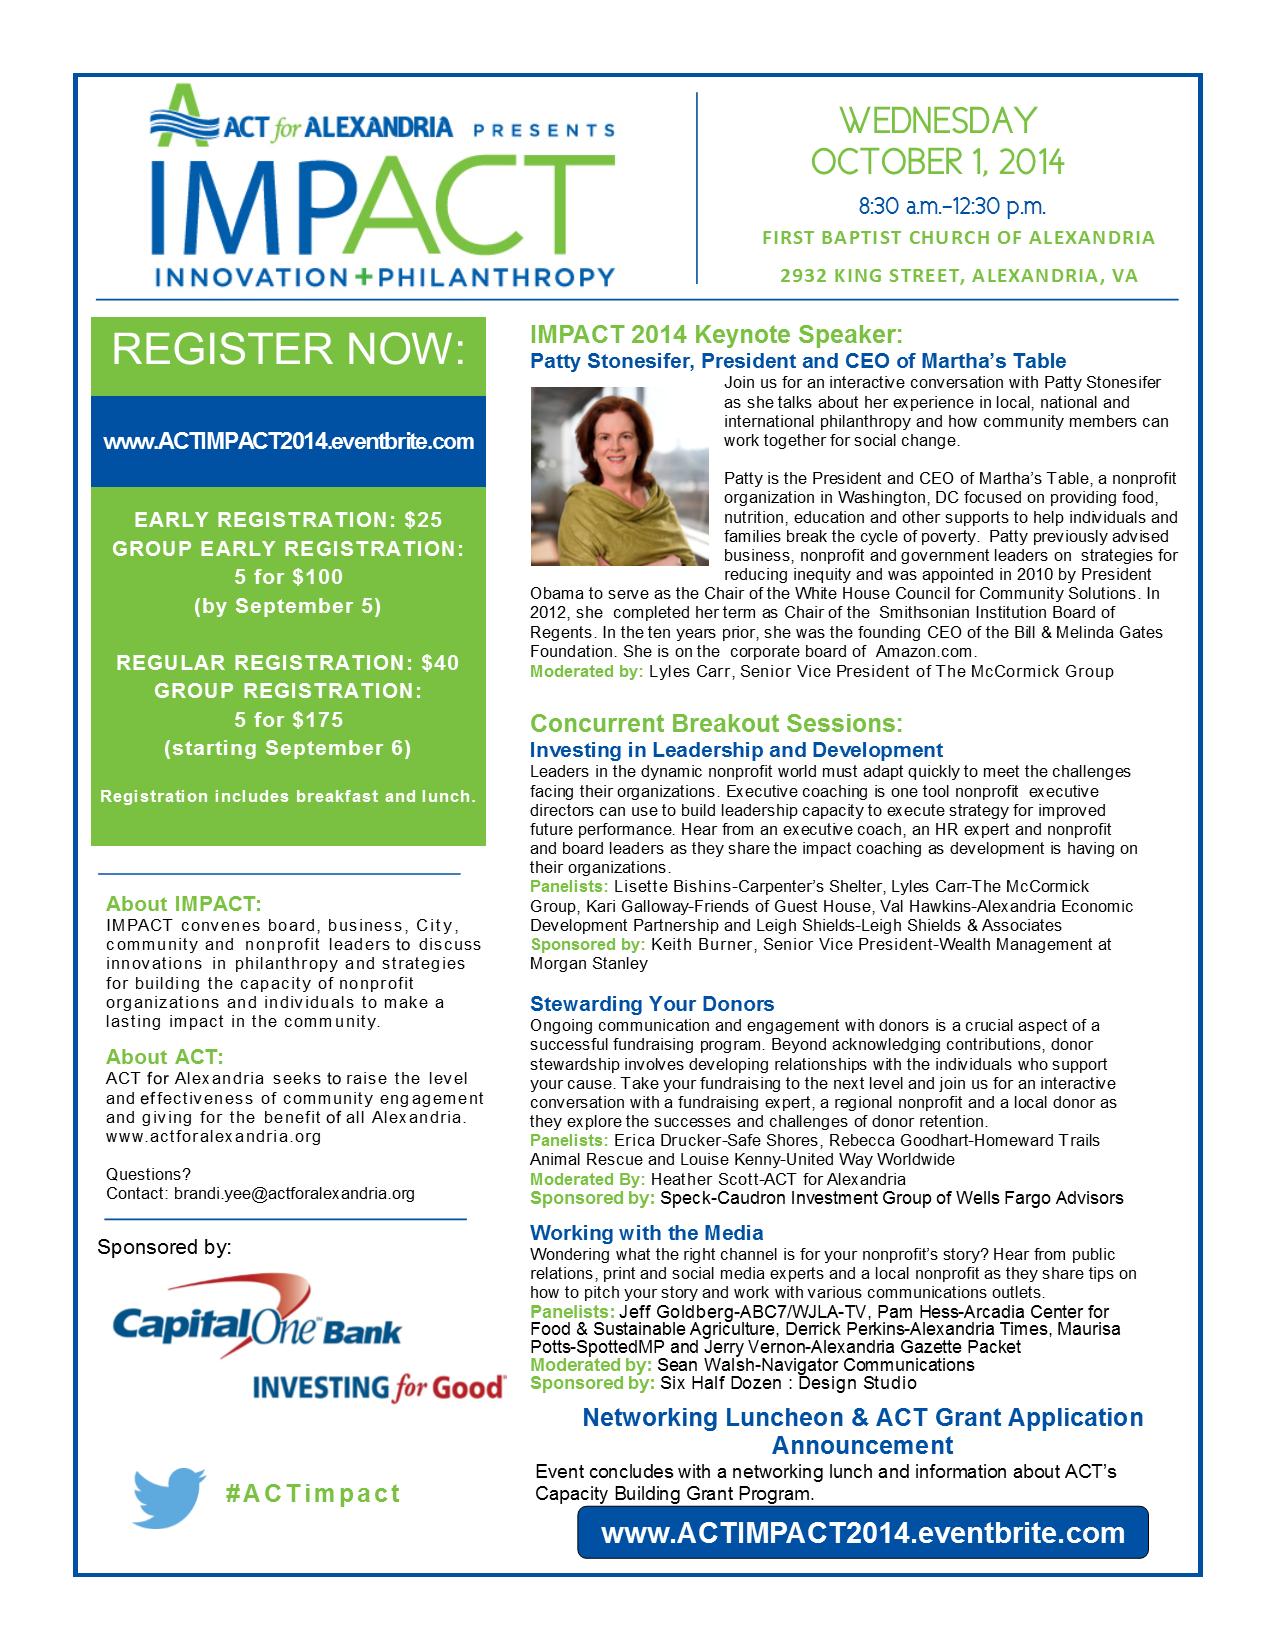 IMPACT Invitation